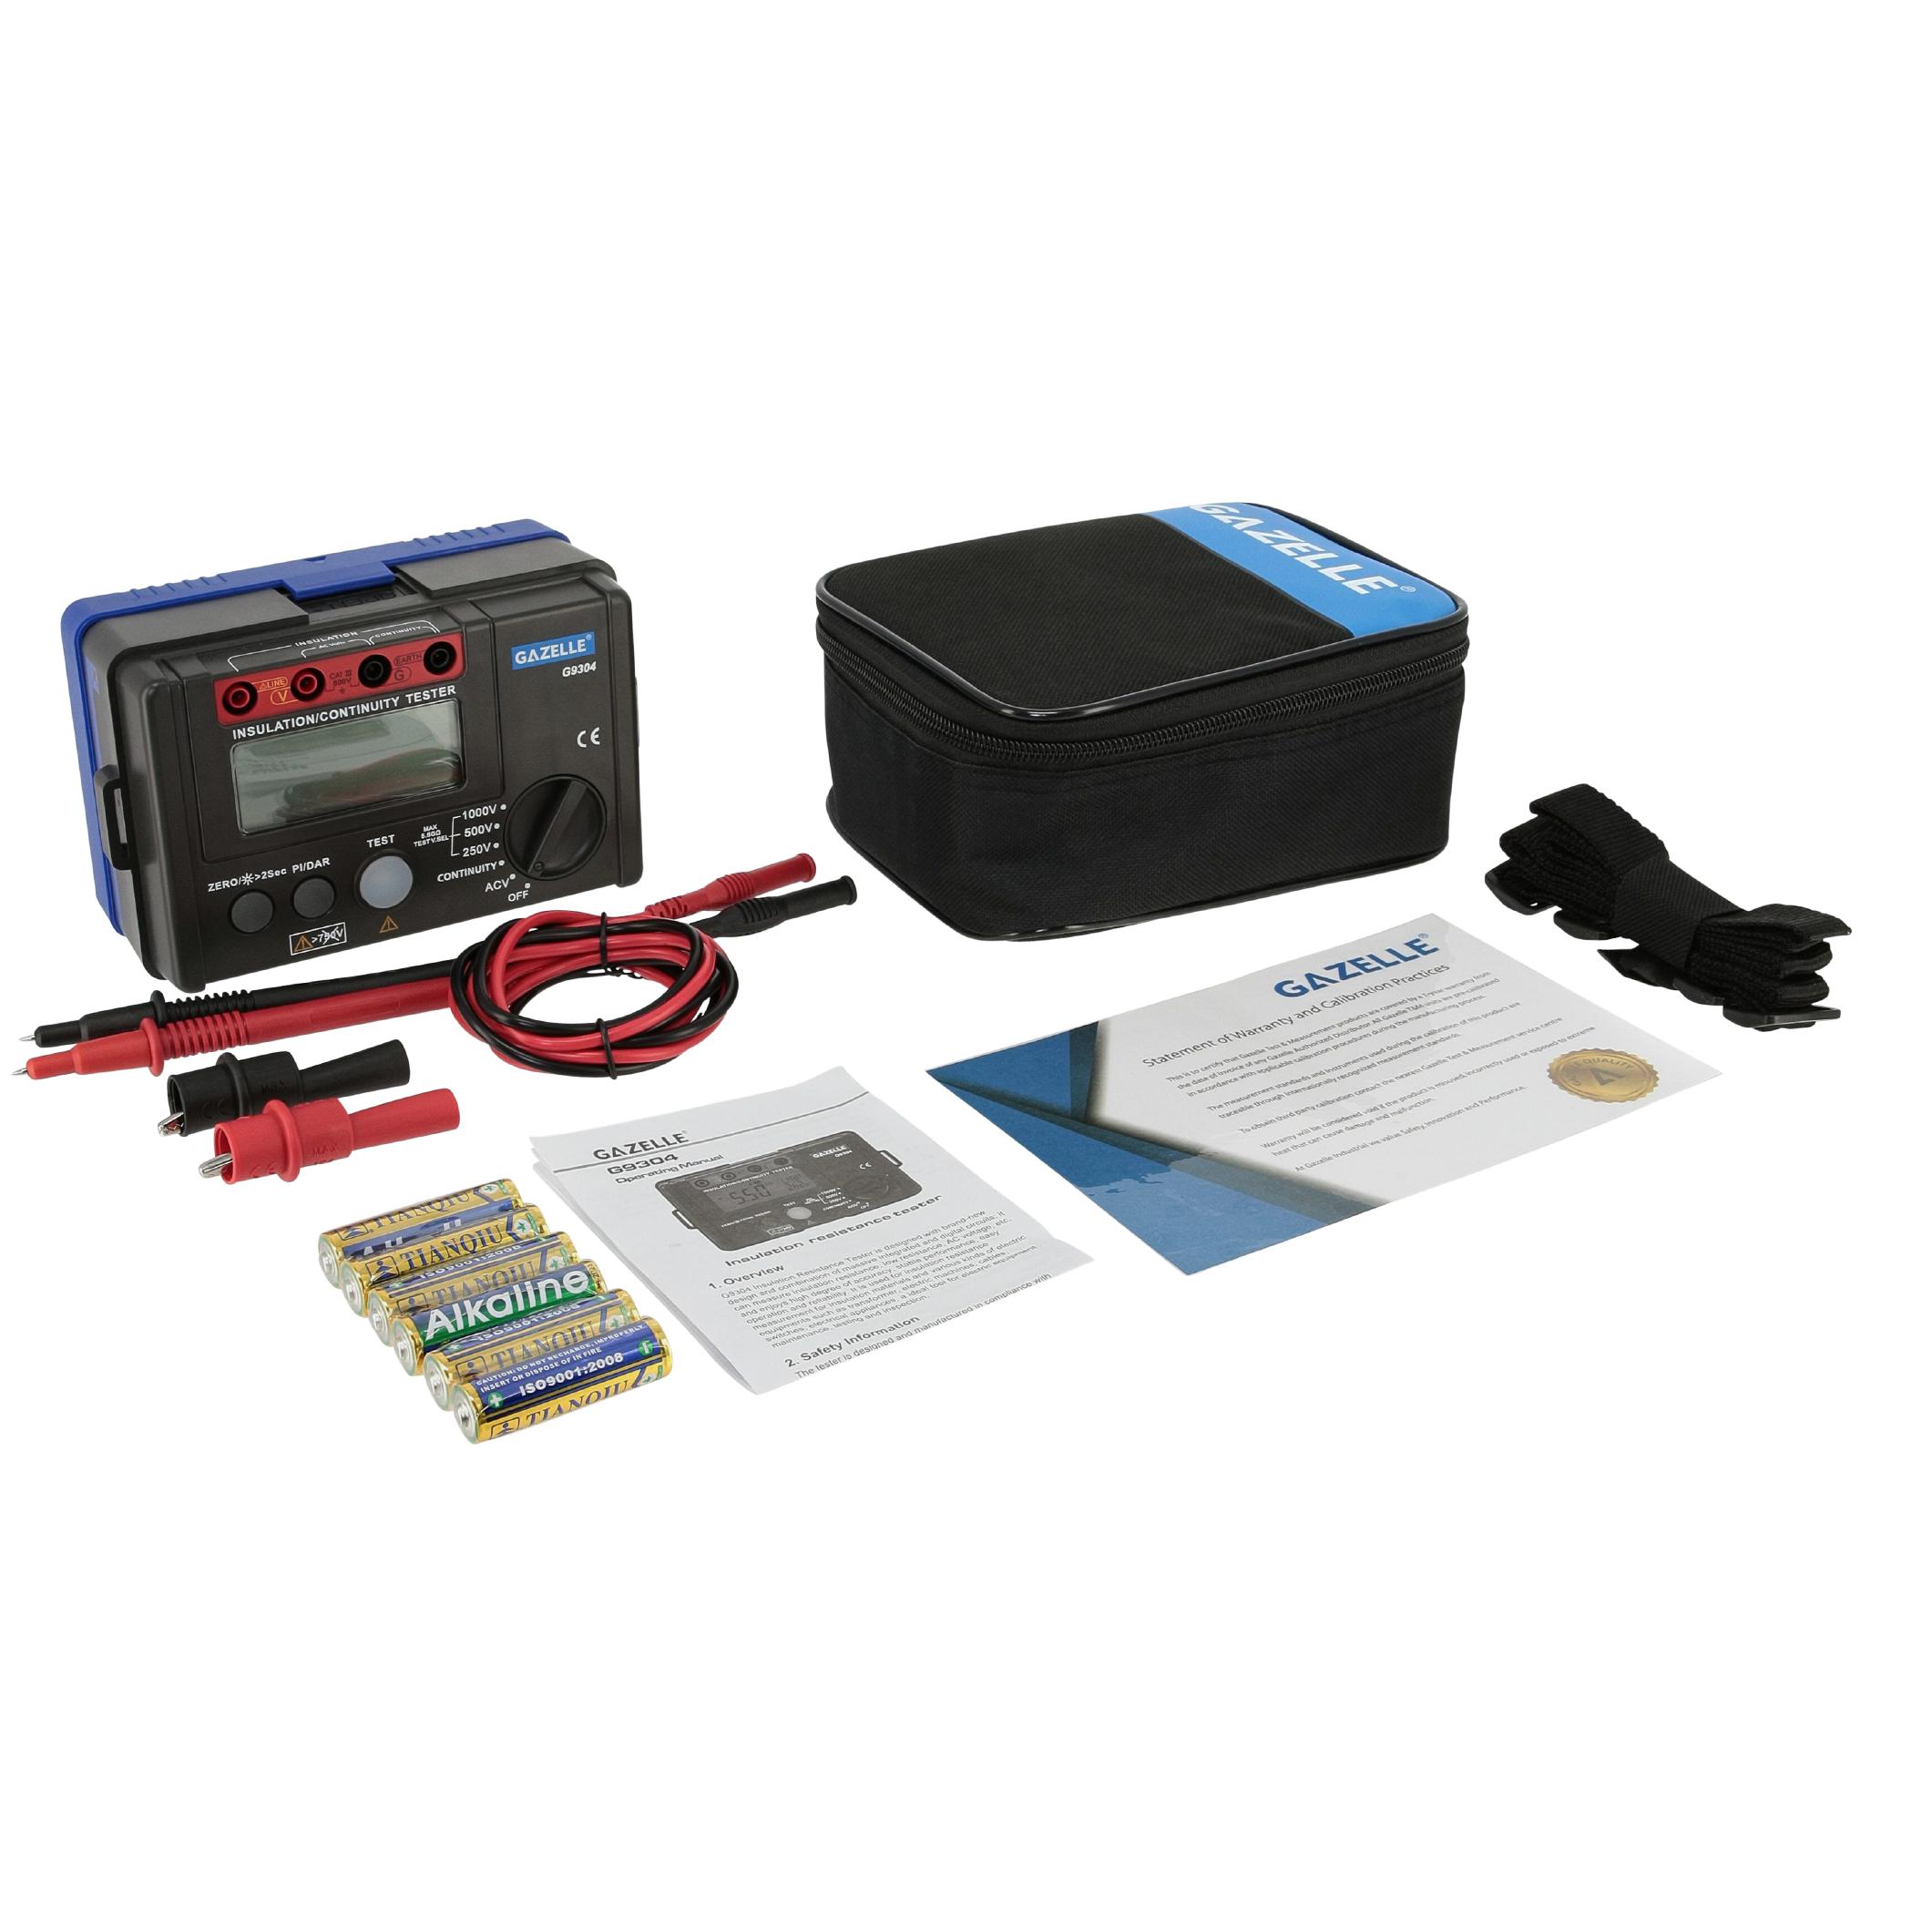 GAZELLE G9304 - 1000V Insulation Tester